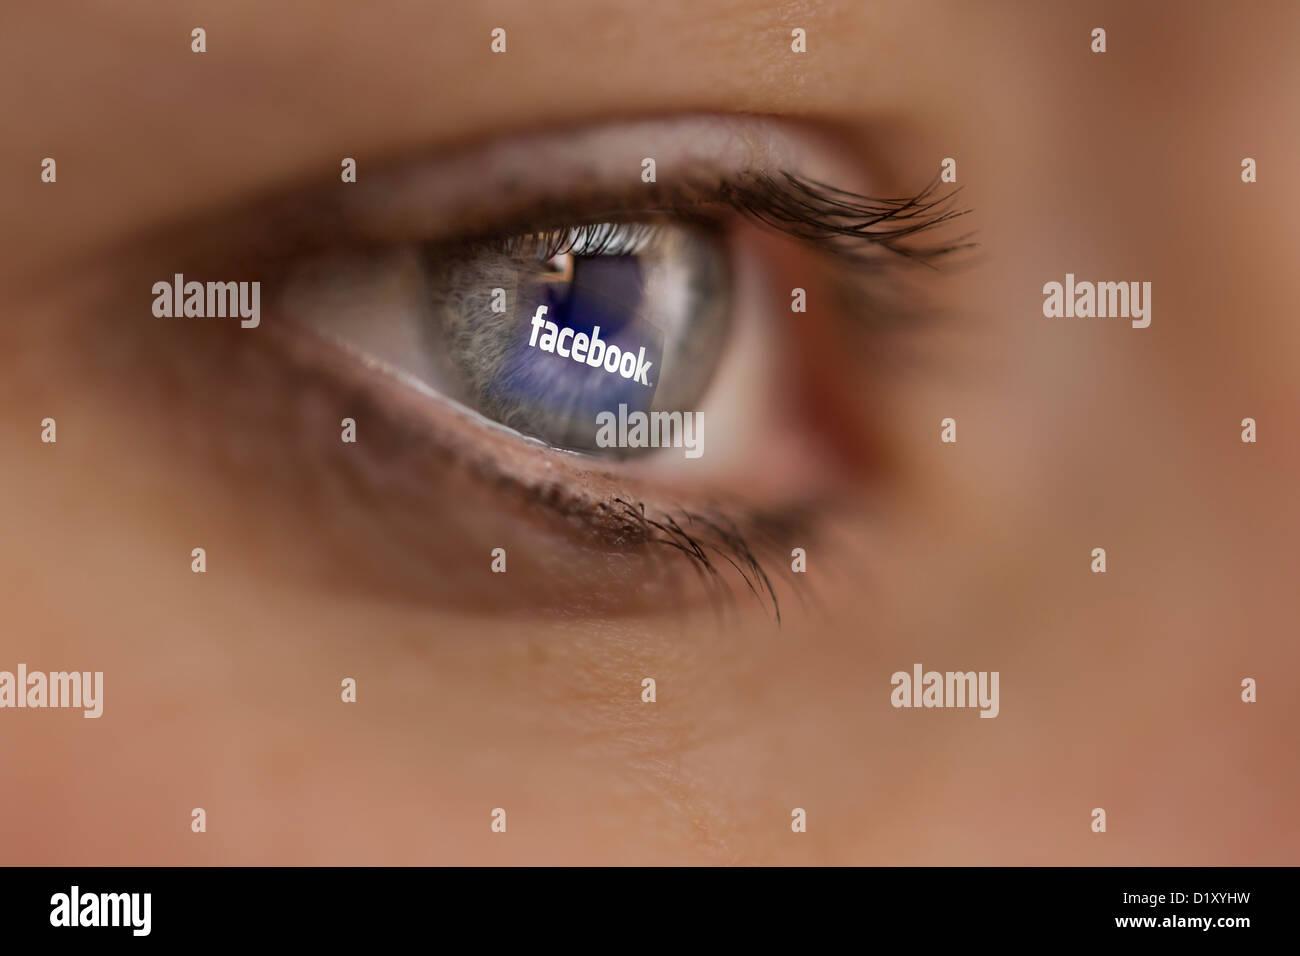 Mujer mirando en el sitio de Internet de la red en línea de Facebook. Imagen De Stock